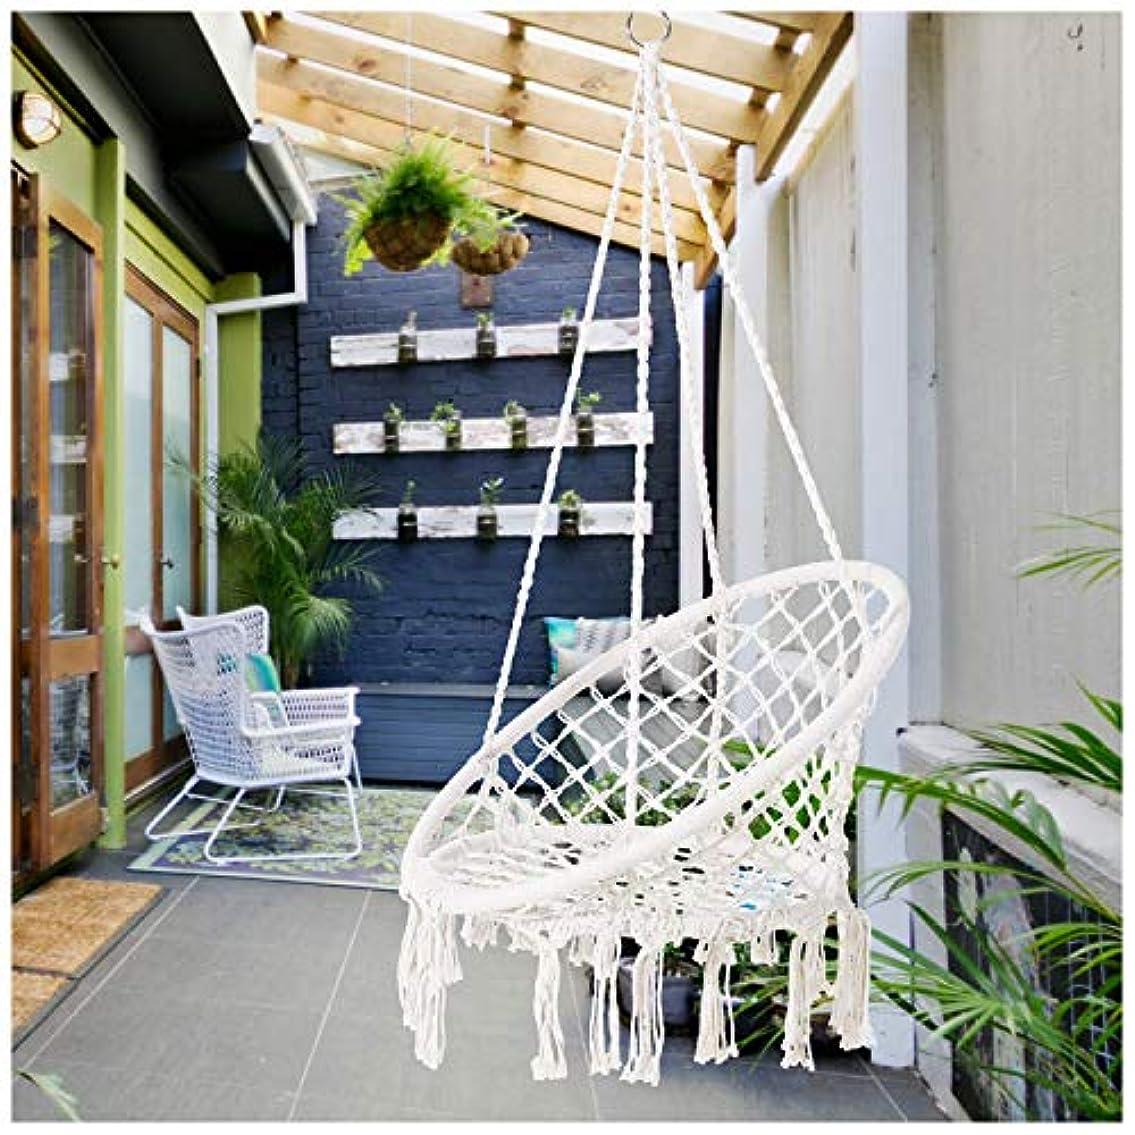 素晴らしい定期的アンティークハンモックチェアマクラメロープスイング吊りロープチェアスイングシート屋内または屋外のスペースホーム、パティオ、デッキ、庭、庭最大容量265ポンド